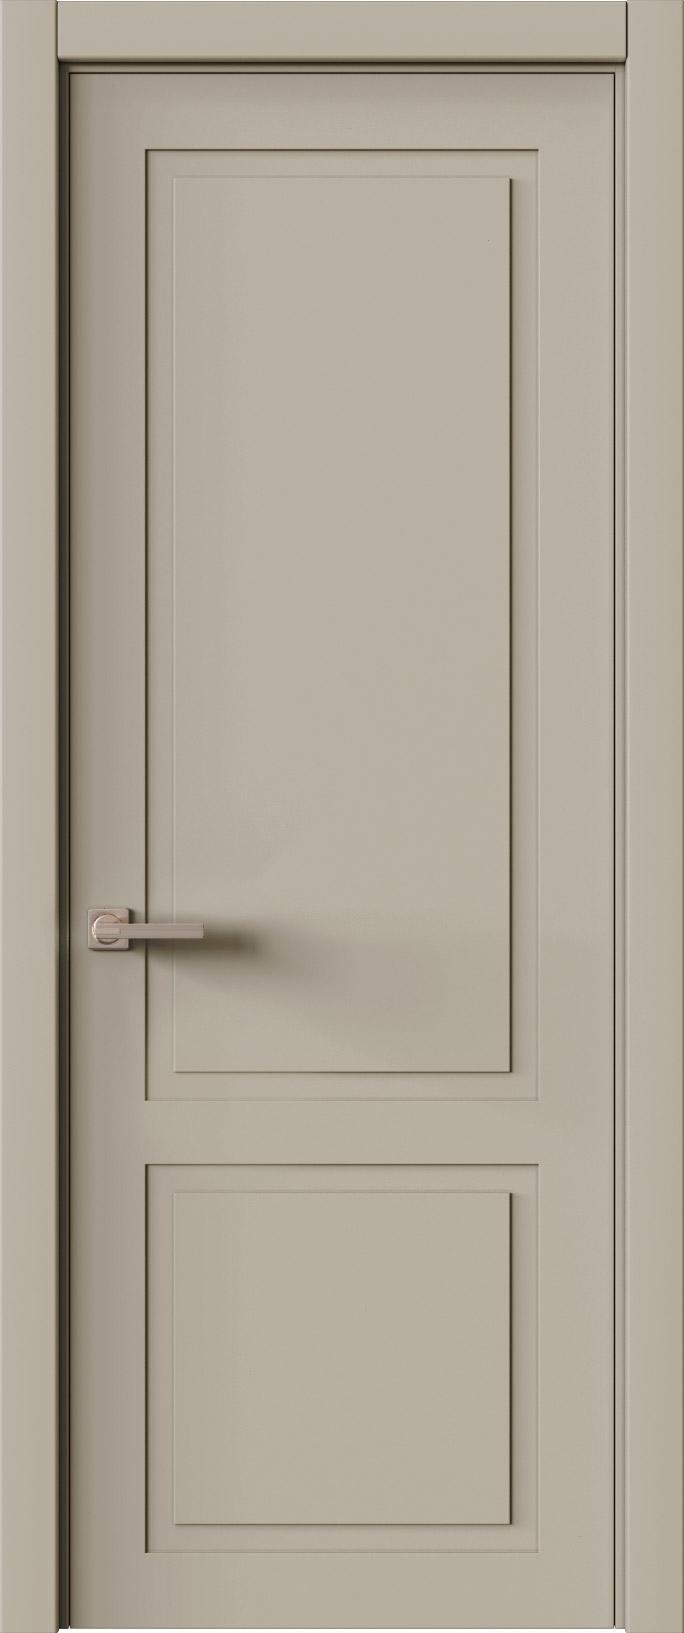 Tivoli И-5 цвет - Серо-оливковая эмаль (RAL 7032) Без стекла (ДГ)